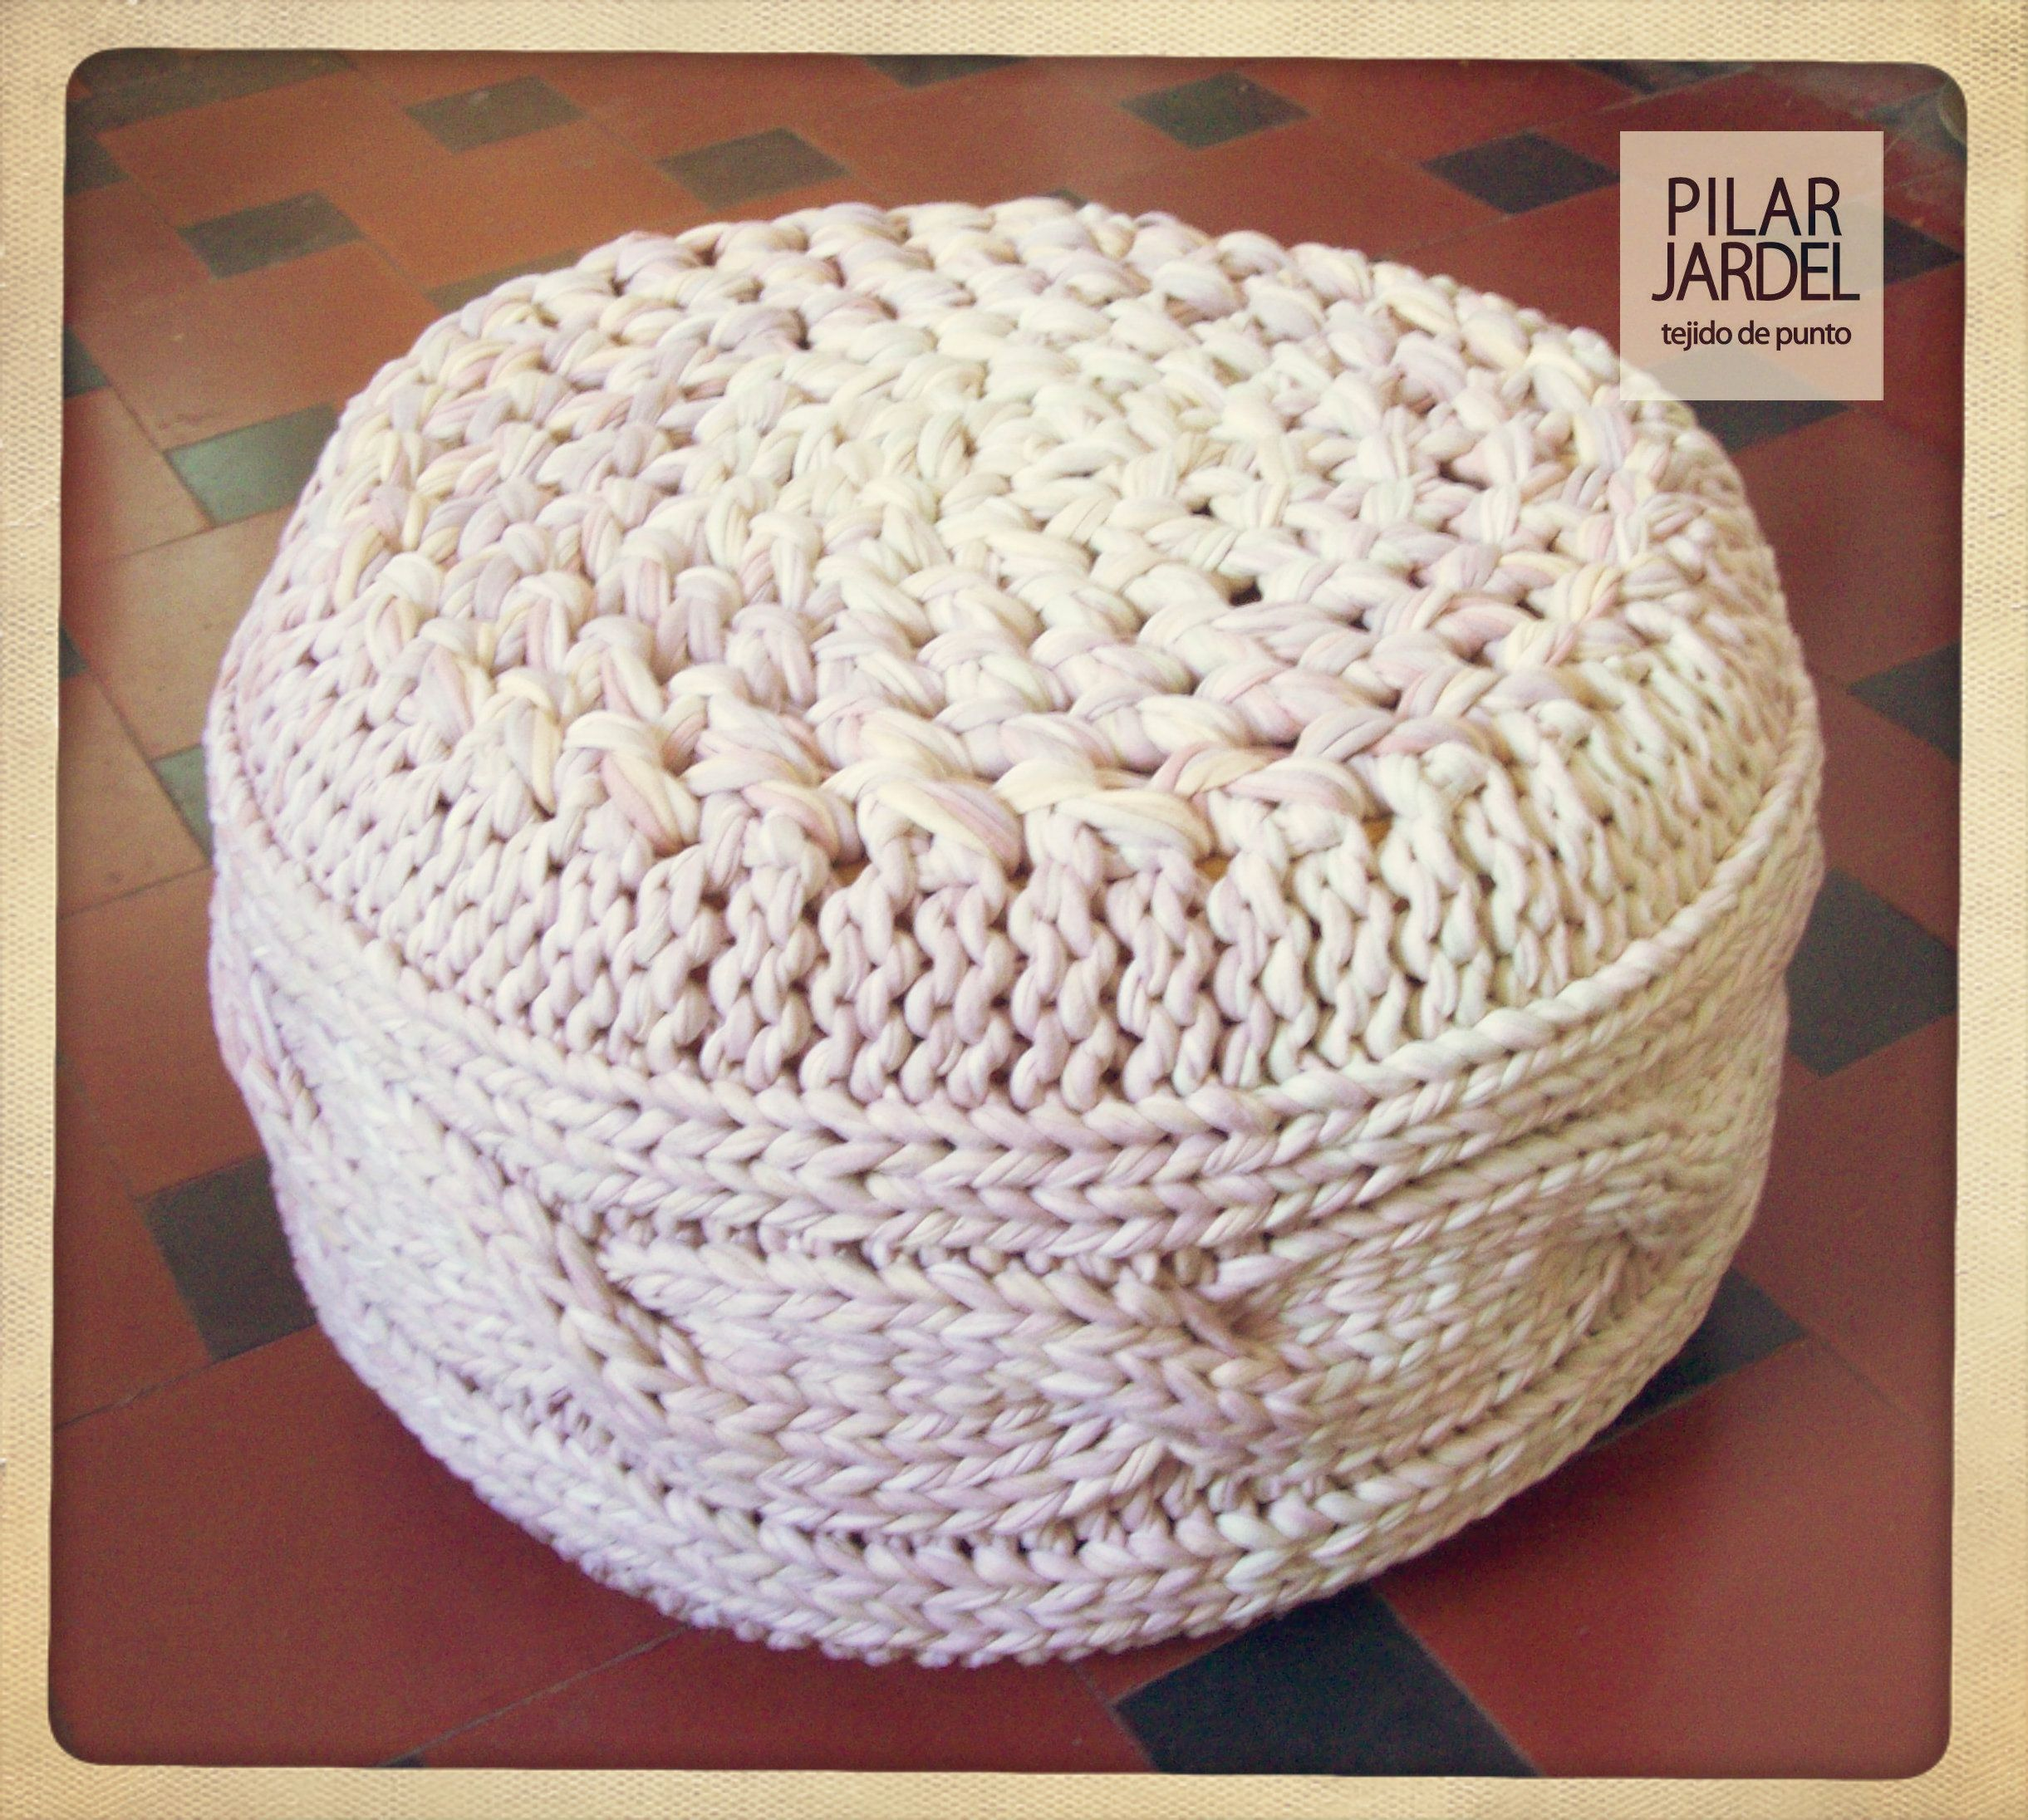 puff tejido a dos agujas y a crochet a pedido 60cm diam 25cm alto completamente realizado con materiales recuperados colores teñidos especialmente